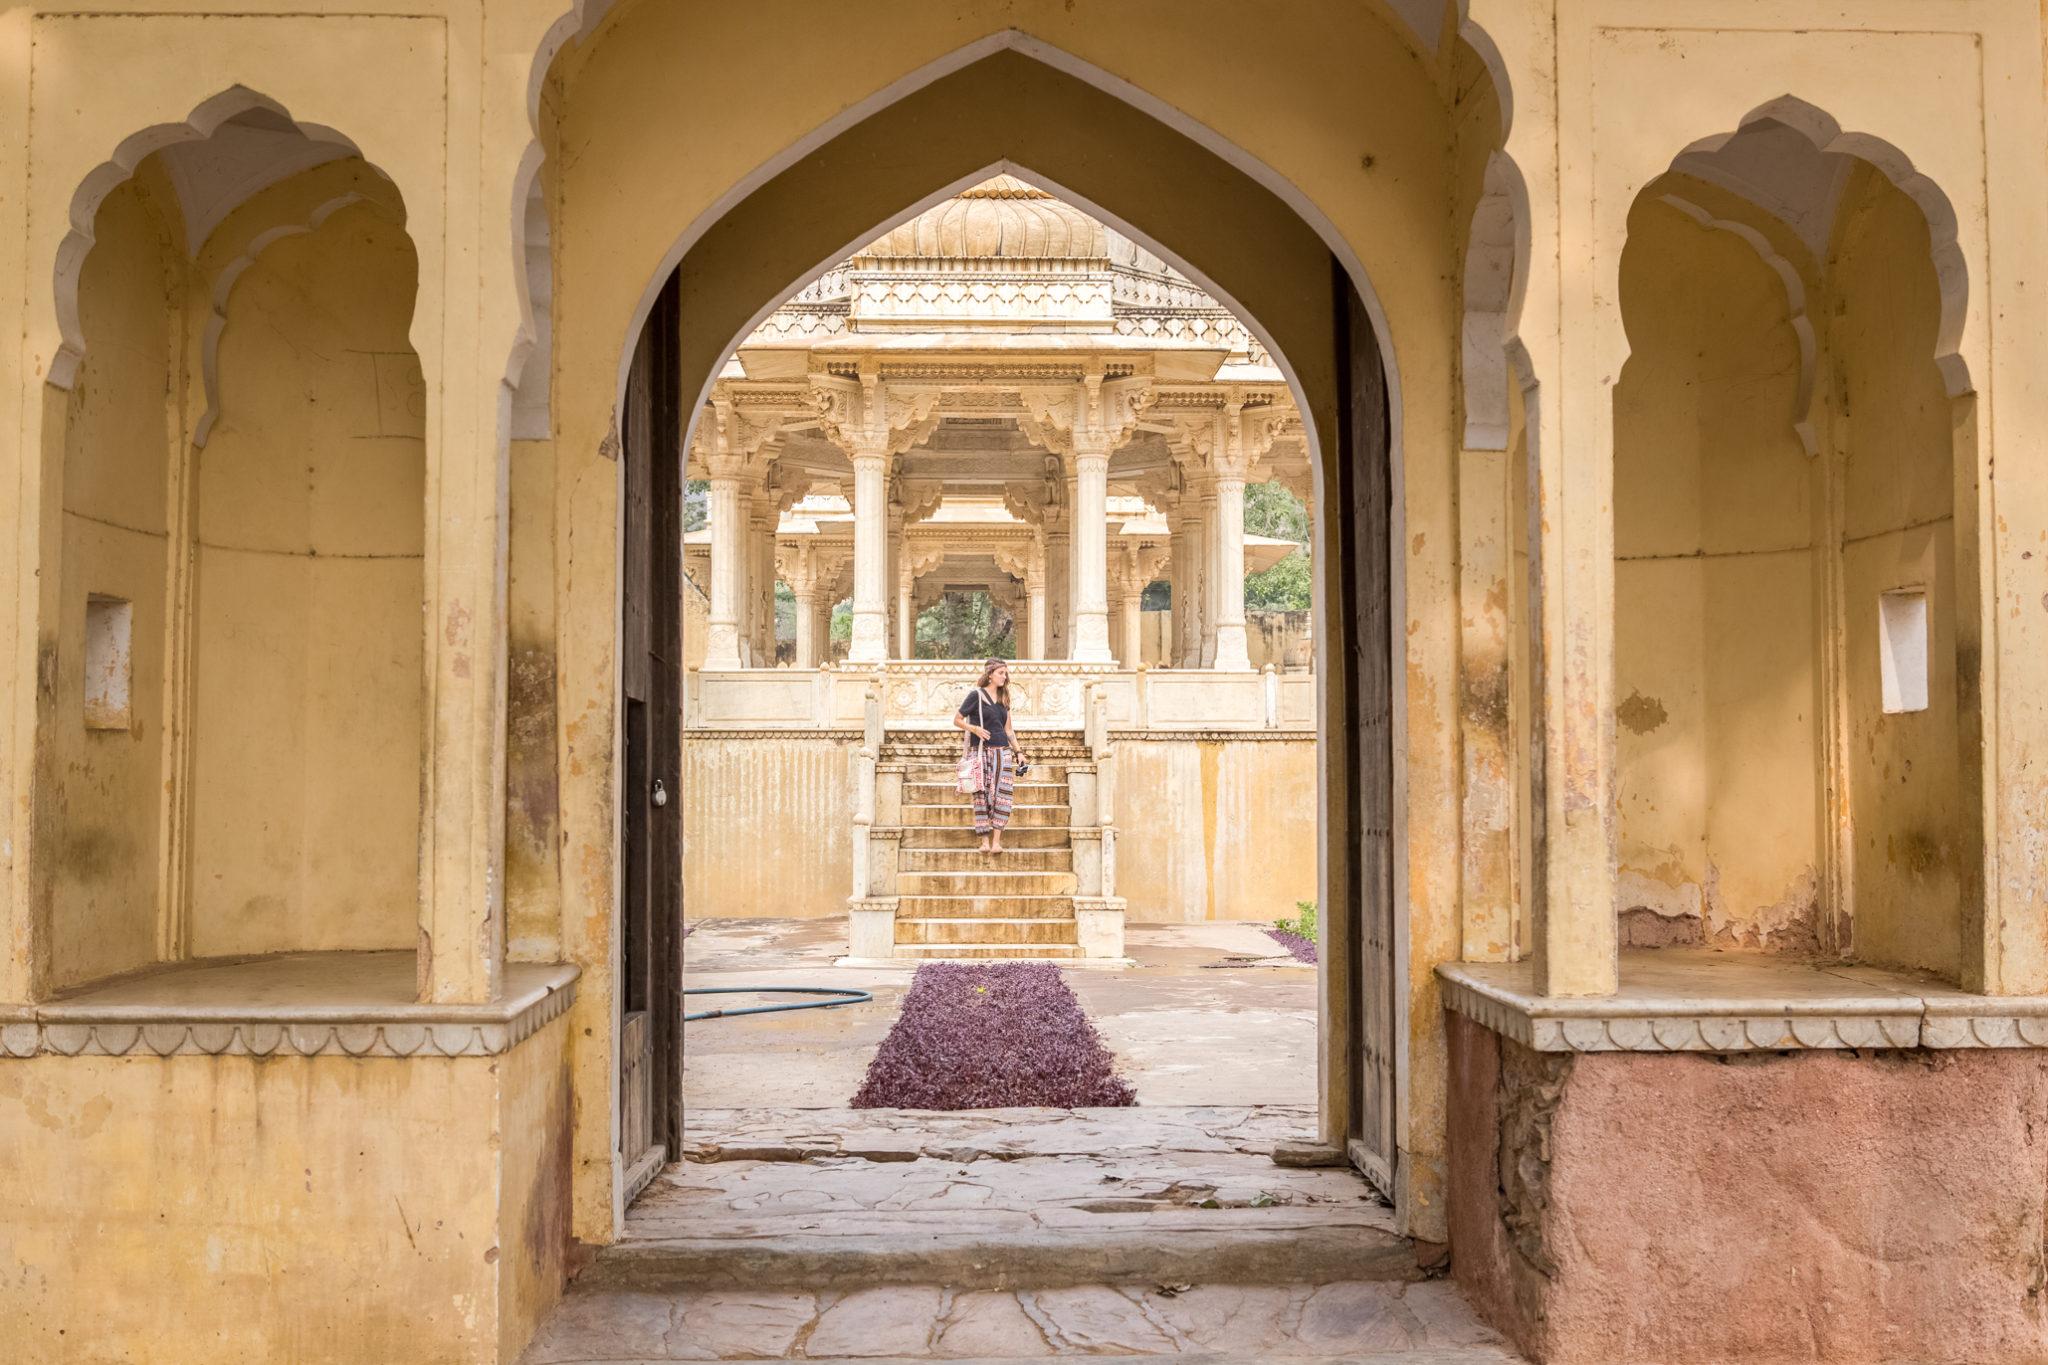 Royal-Gaitor-jaipur-inde-visite